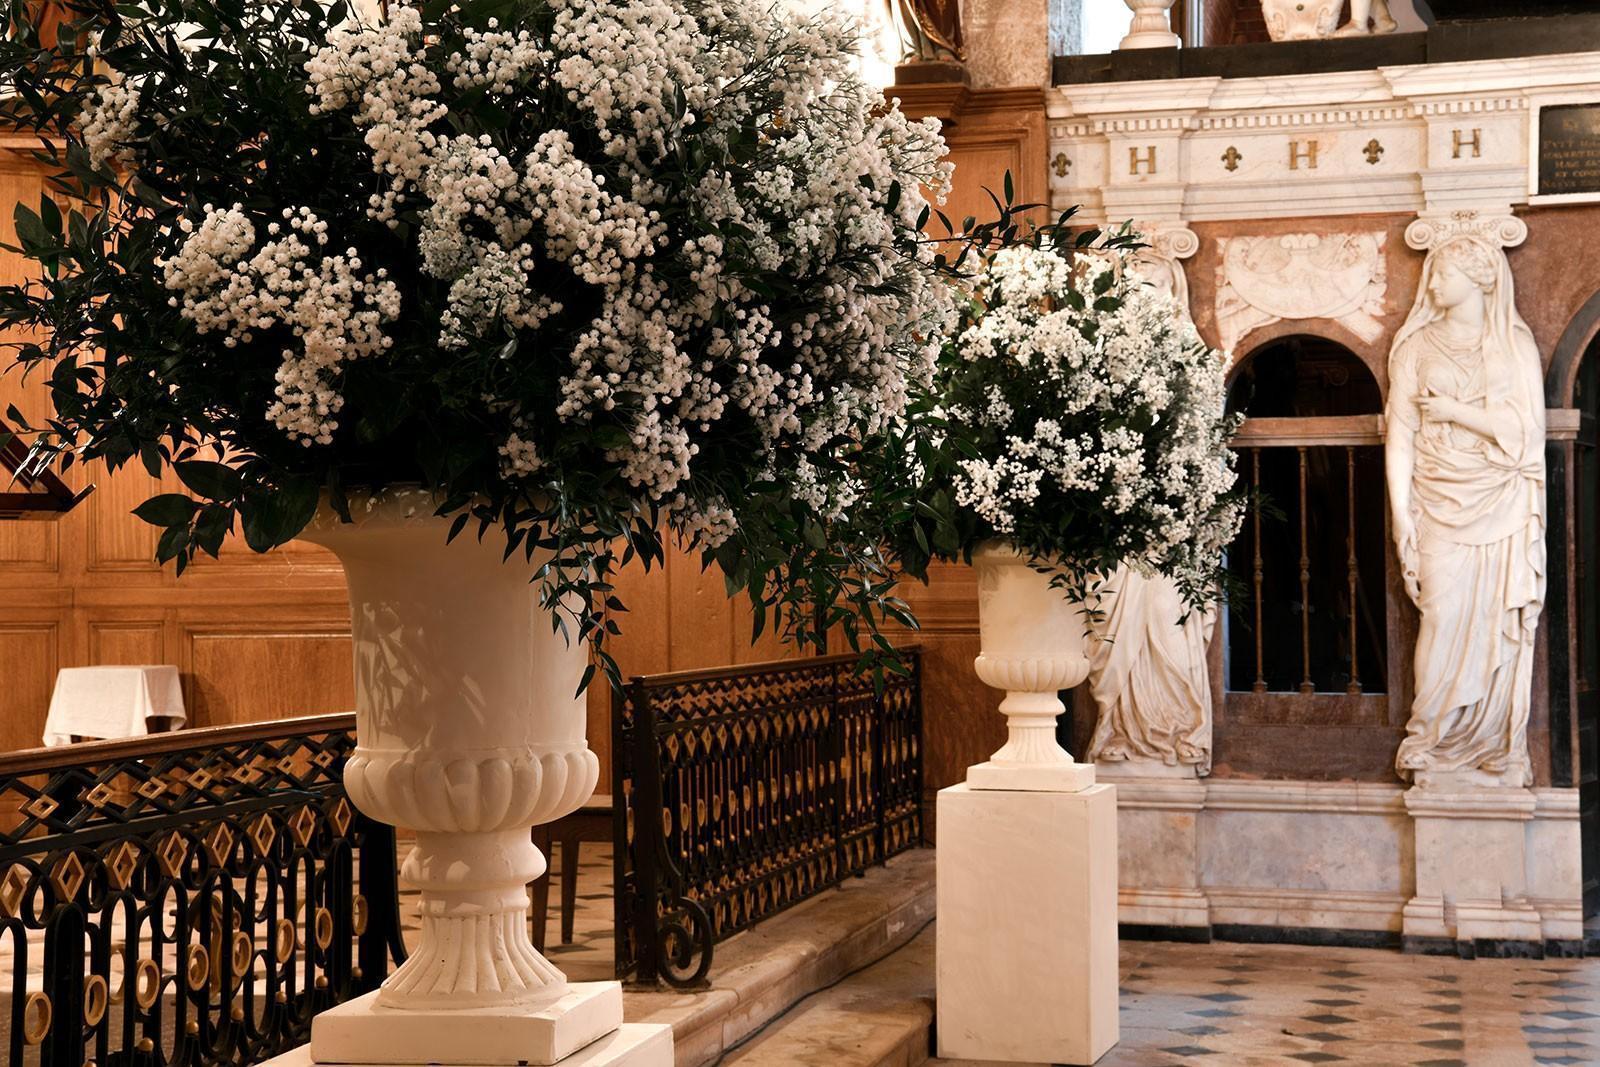 L'église et son mausolée, fleuris pour une cérémonie de mariage